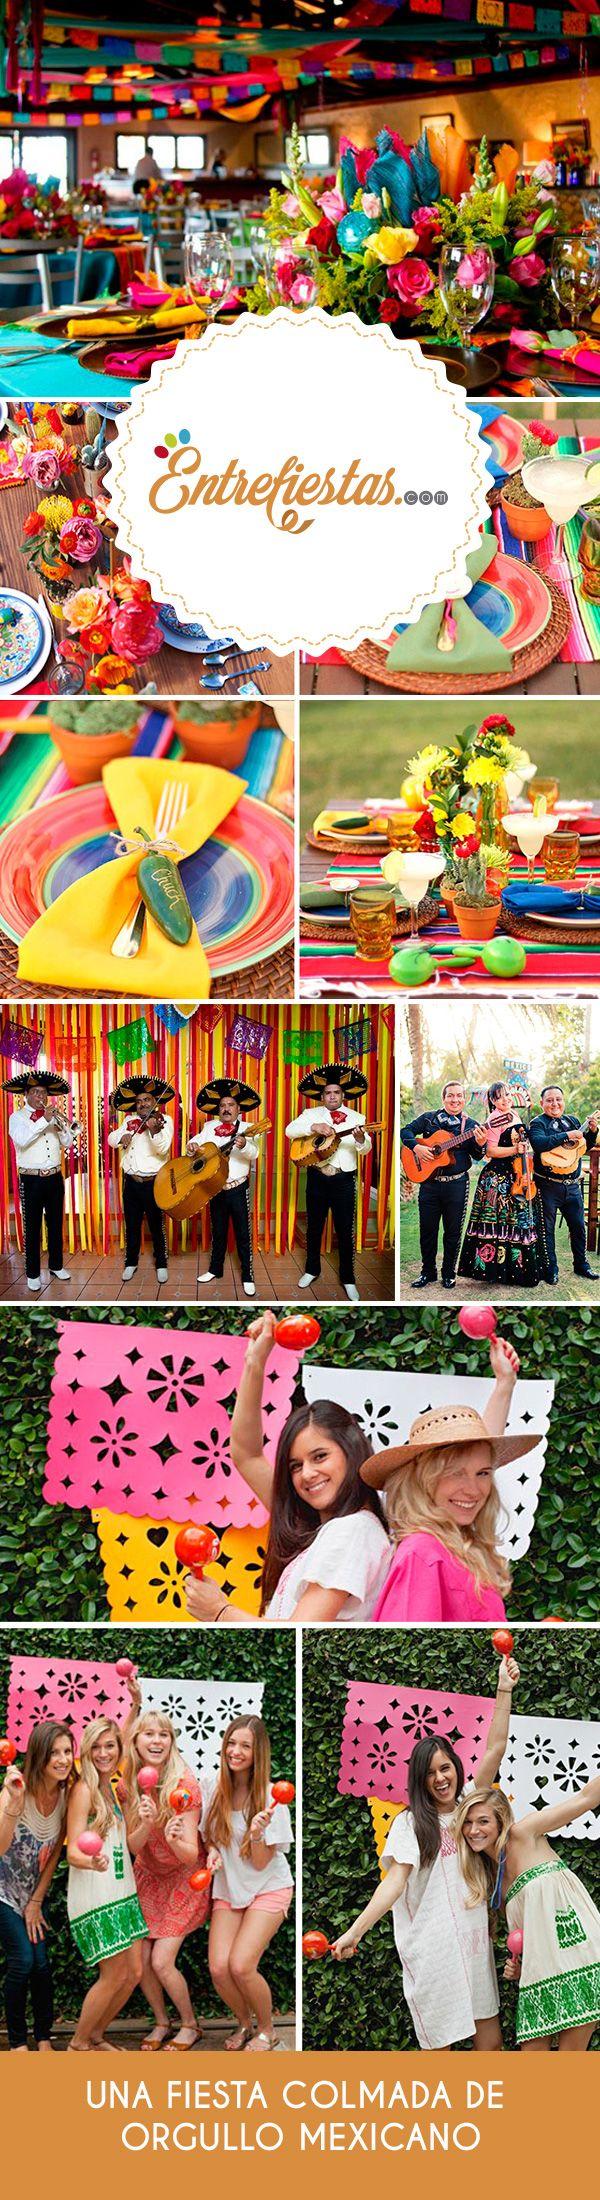 Los 5 de mayo de cada año se conmemora el orgullo mexicano, en honor a la liberación de fuerzas extranjeras. Realiza una fiesta a todo dar y celebra la riqueza de la tierra mexicana. Destaca las costumbres más populares de la nación azteca y sigue estos consejos para ofrecer una colorida y divertida recepción. ¡Y que viva México!